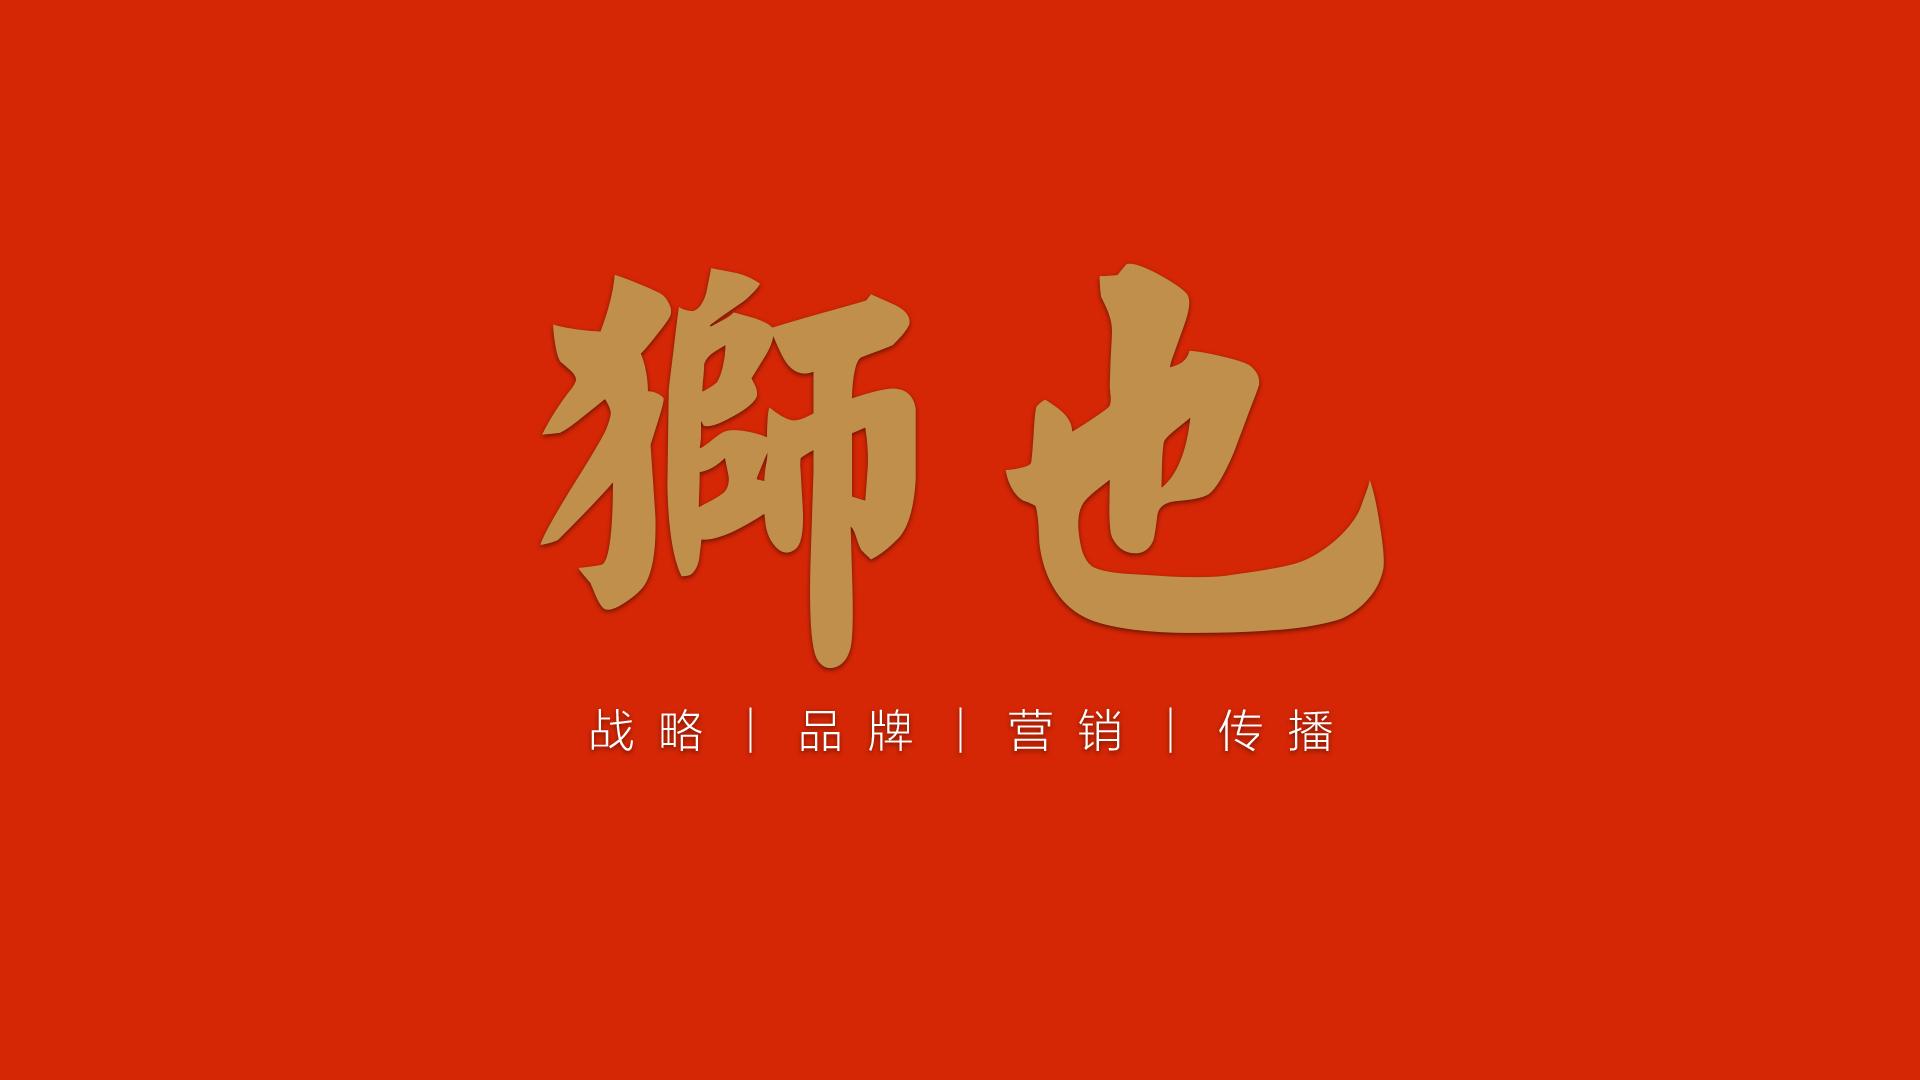 香港银行信用卡业务的营销策略—山东济南狮也战略品牌营销策划咨询顾问公司